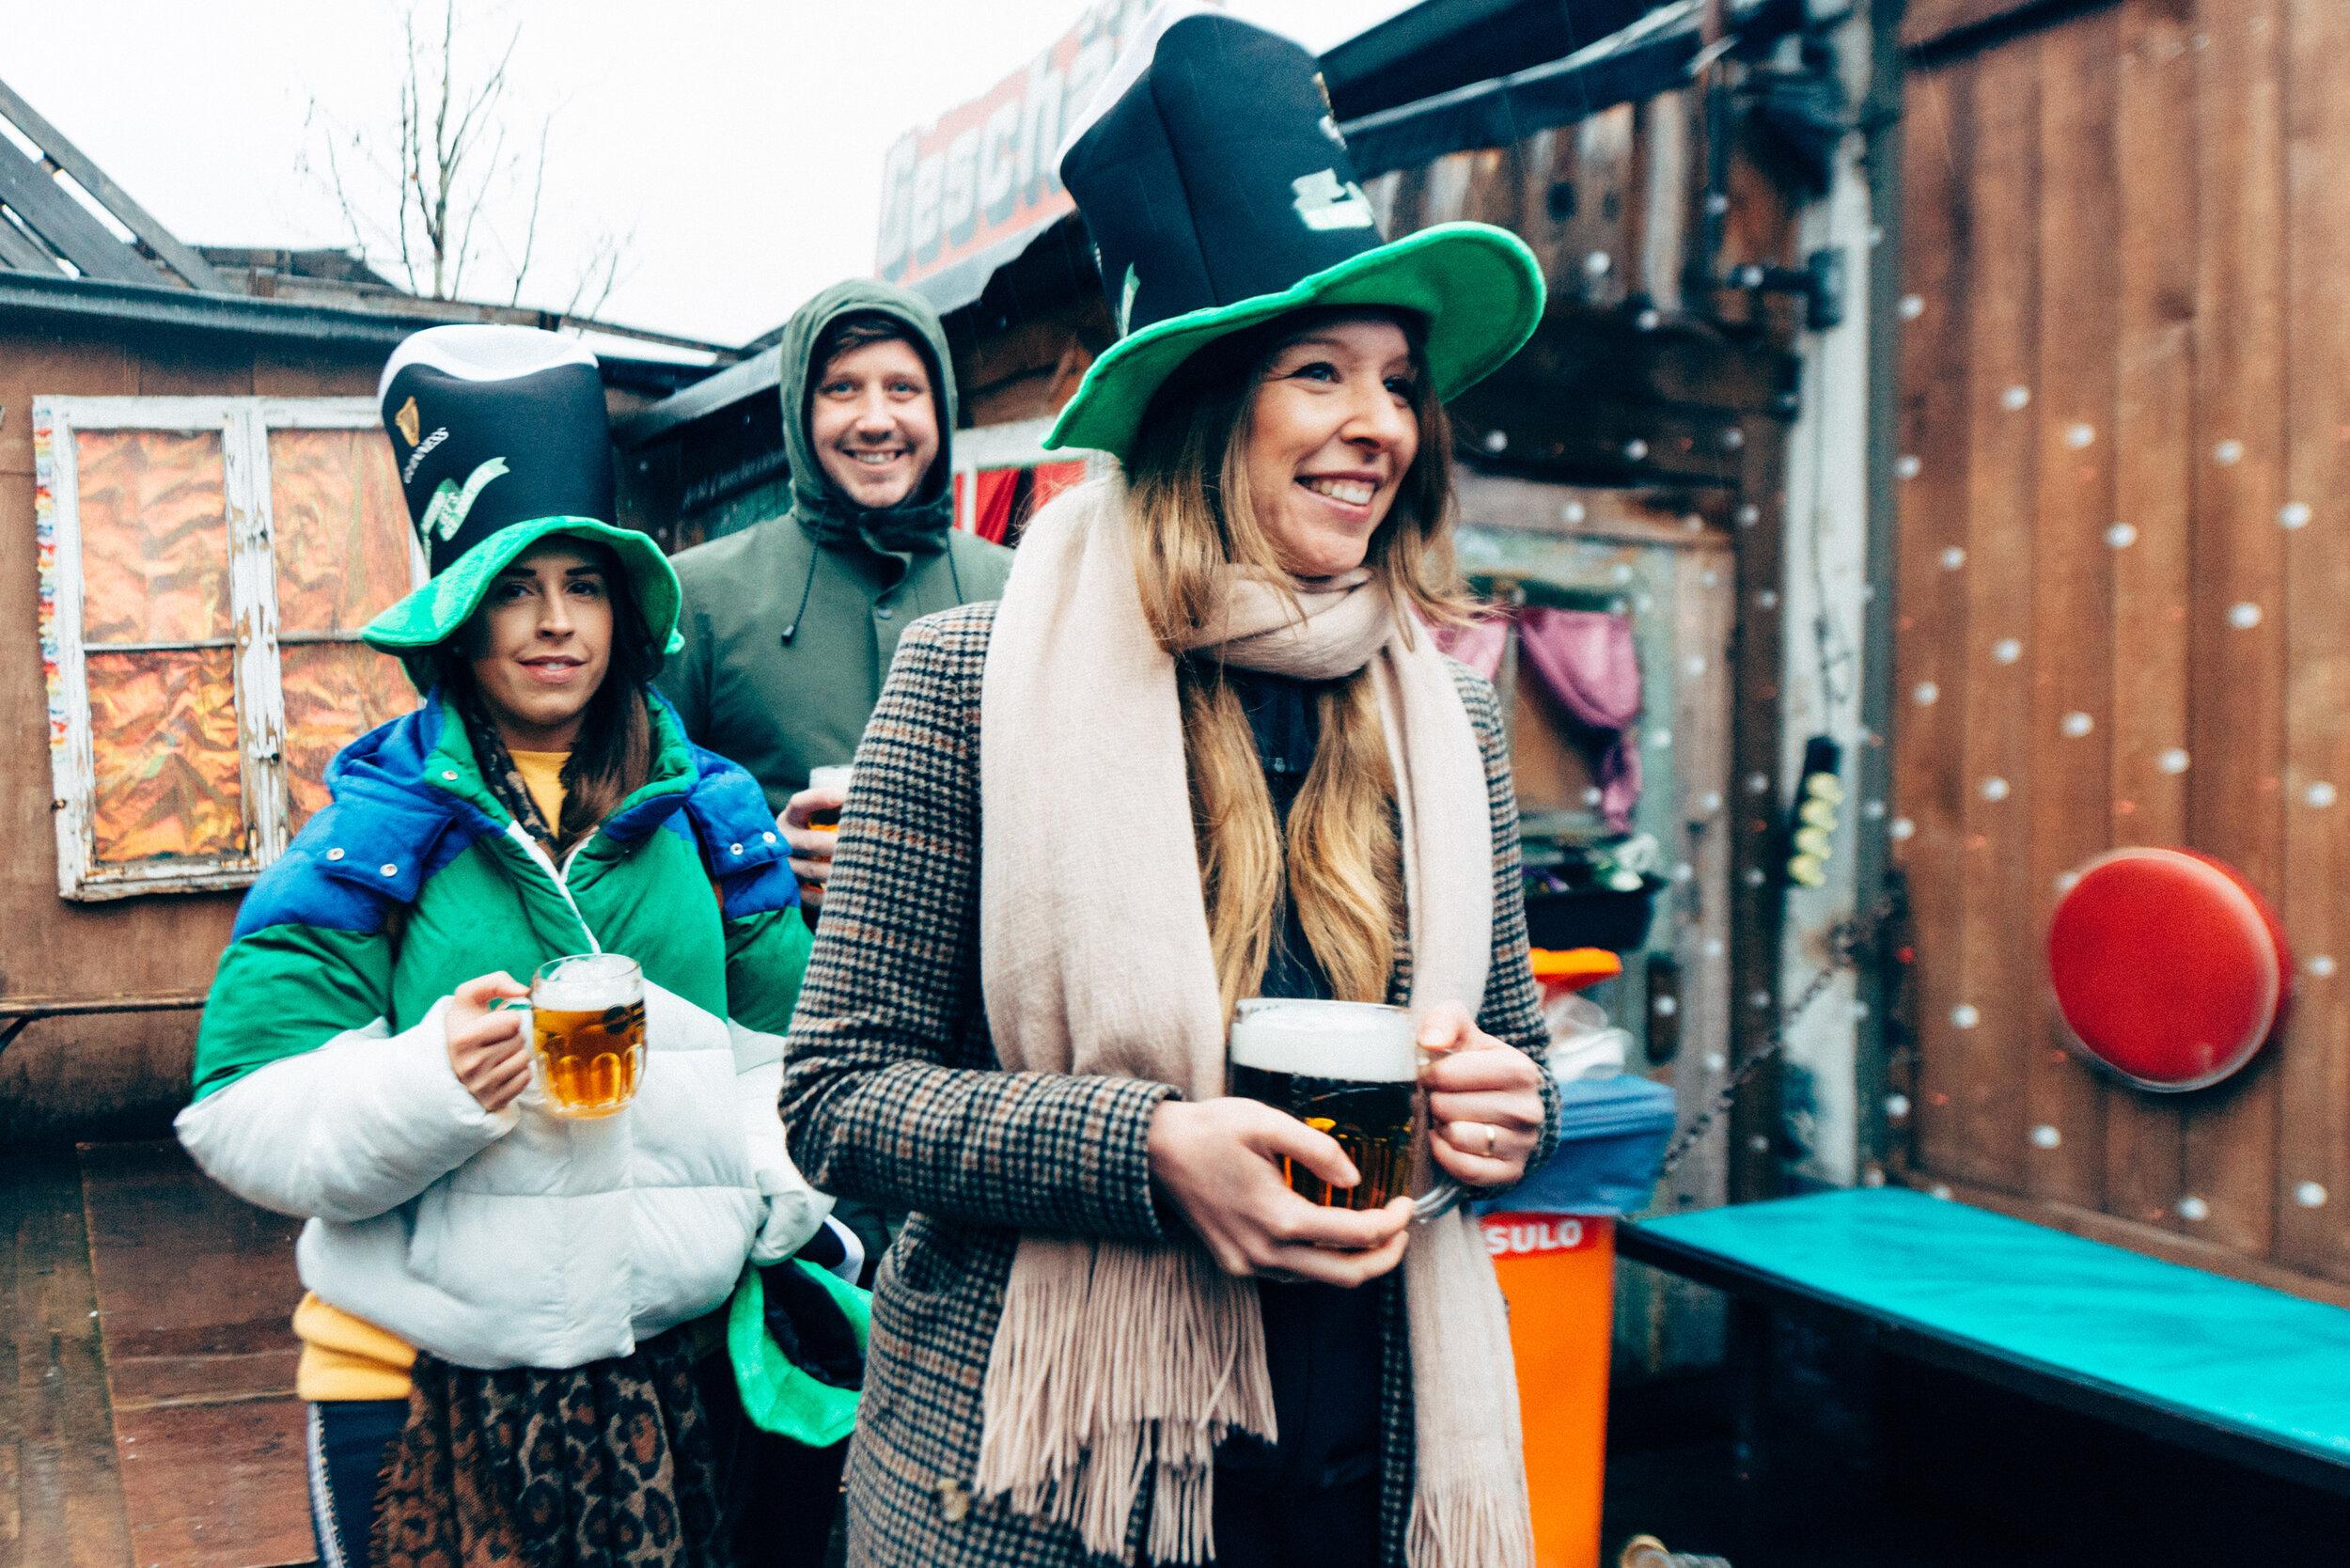 St. Patrick's Festival Berlin 2019 © Camille Blake-4.jpg